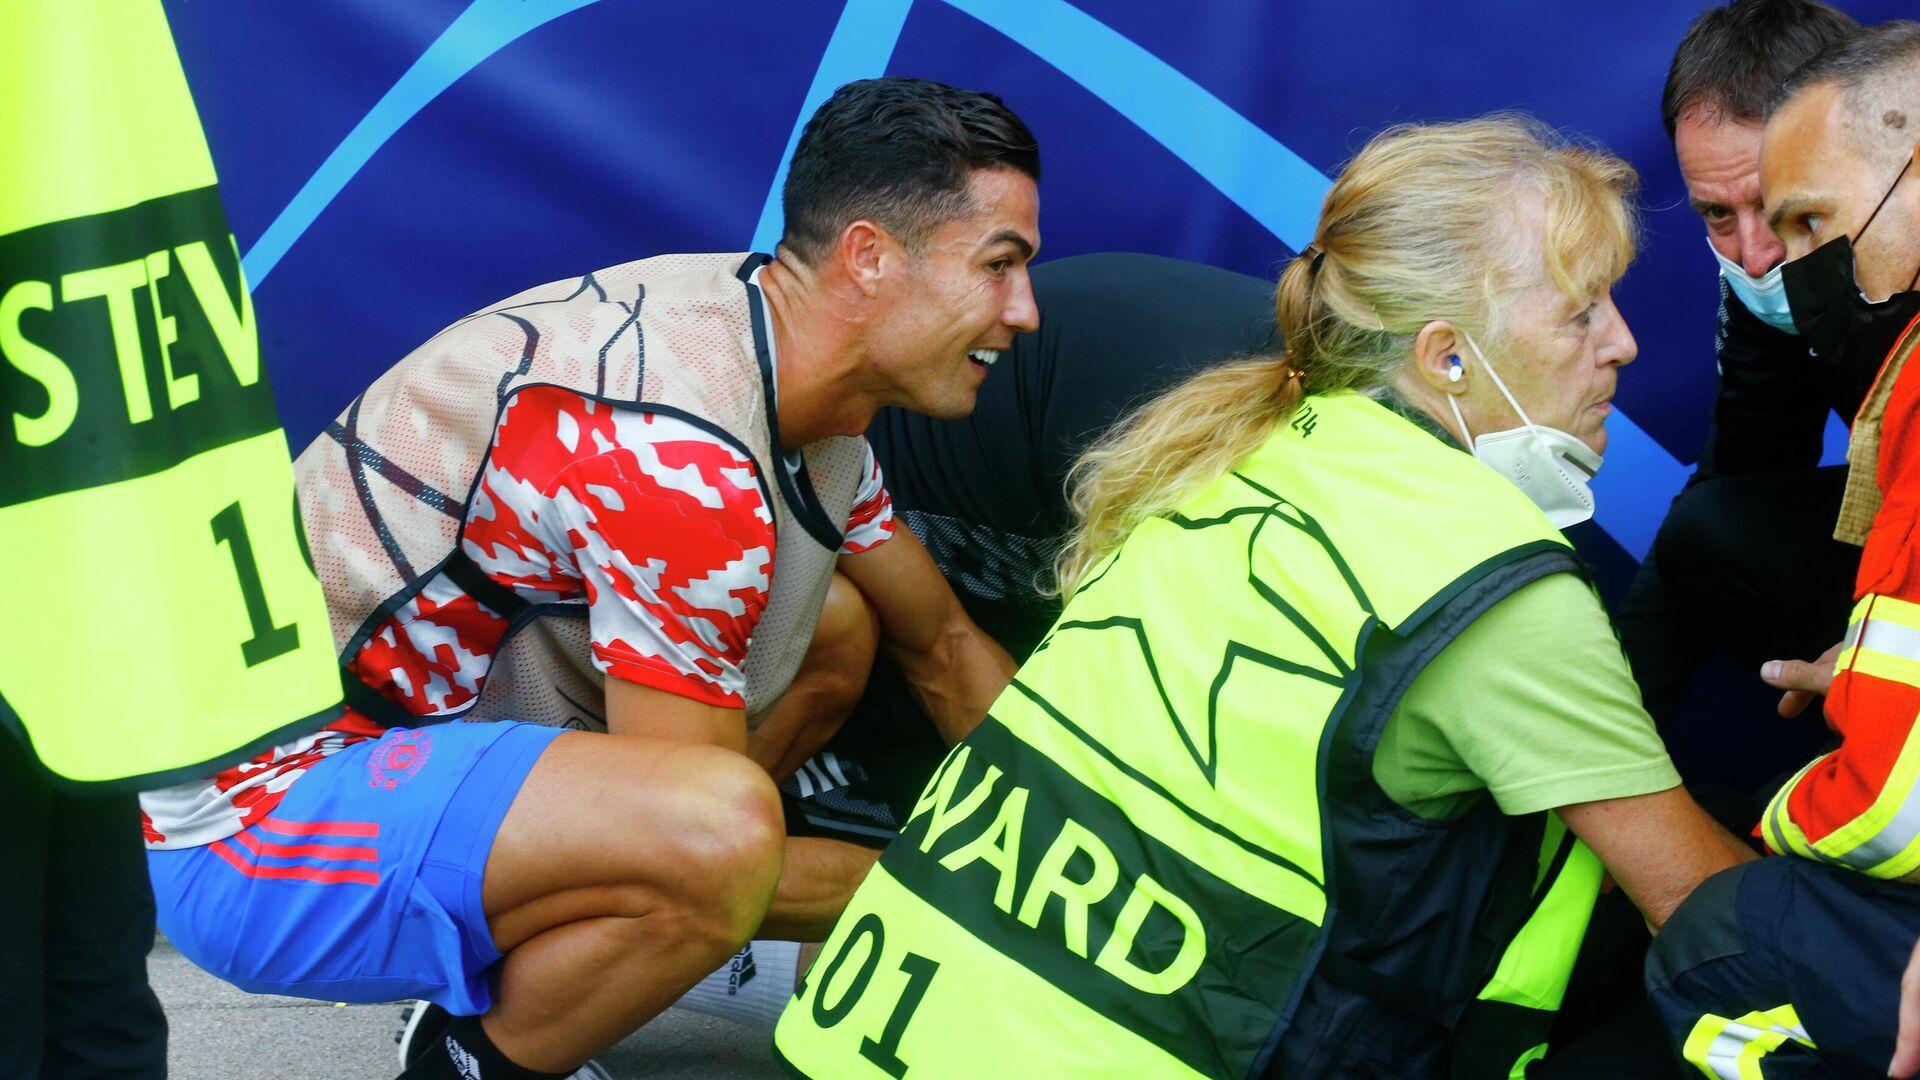 Криштиану Роналду сбил девушку-стюарда с ног ударом мяча во время разминки перед матчем ЛЧ - РИА Новости, 1920, 16.09.2021